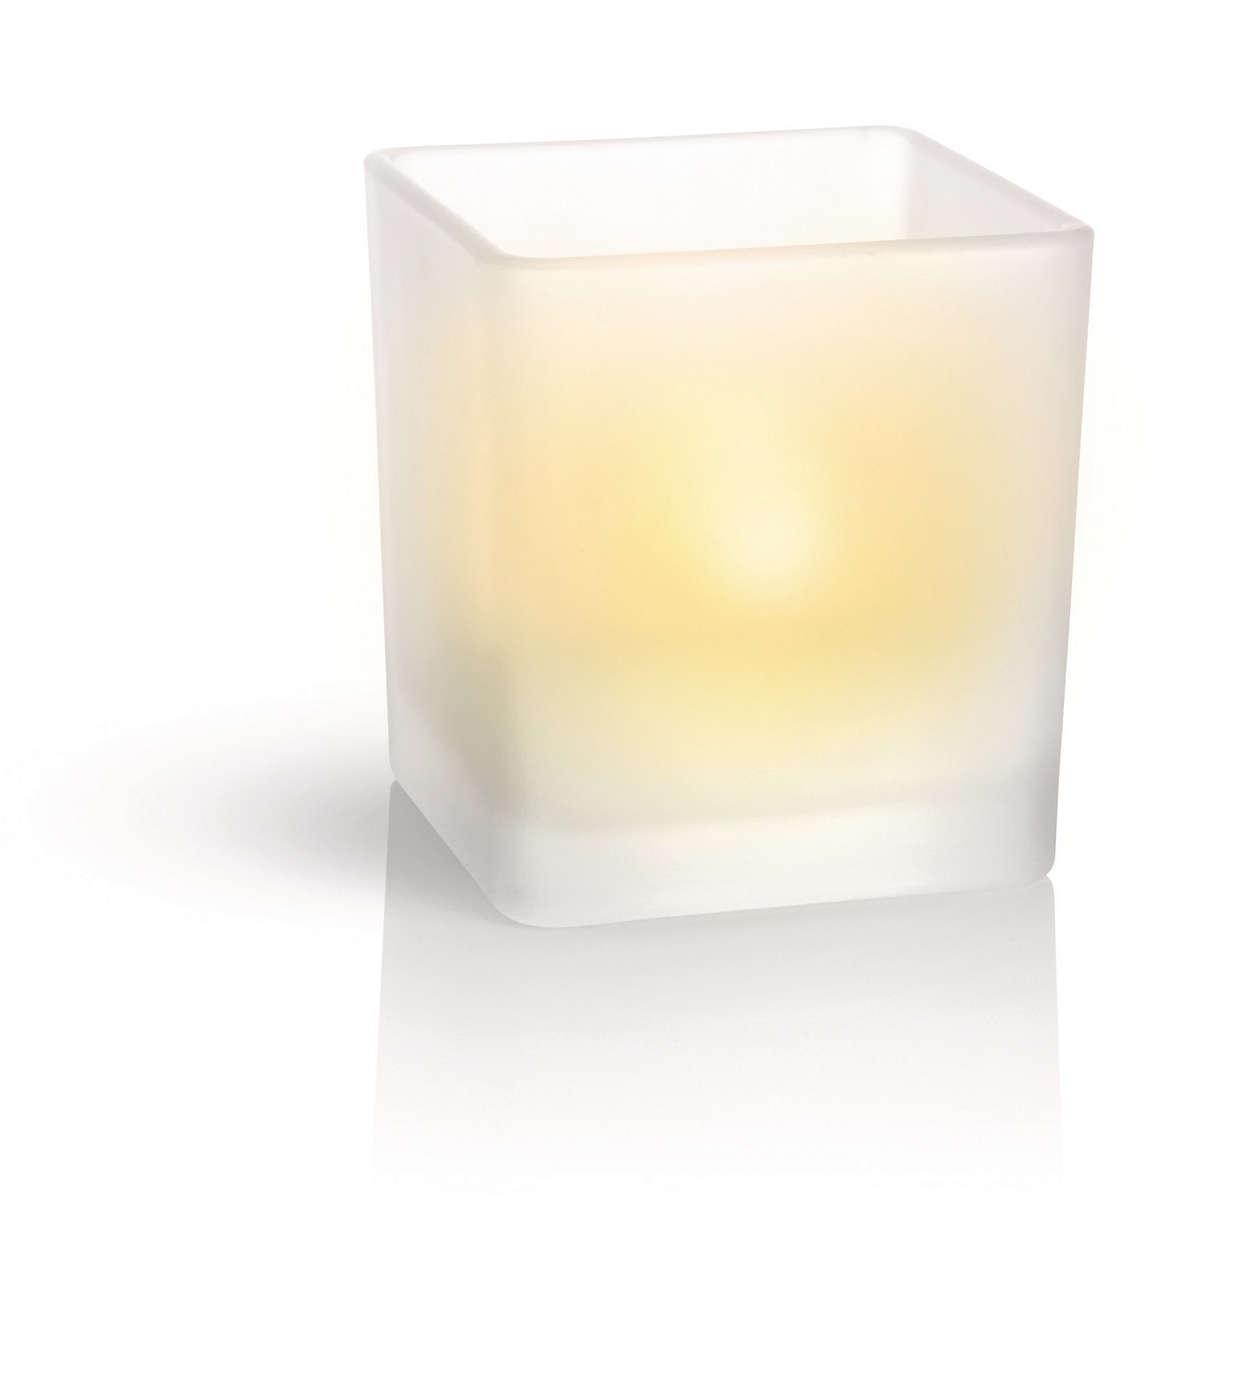 Placer lyset overalt, nemt at bruge